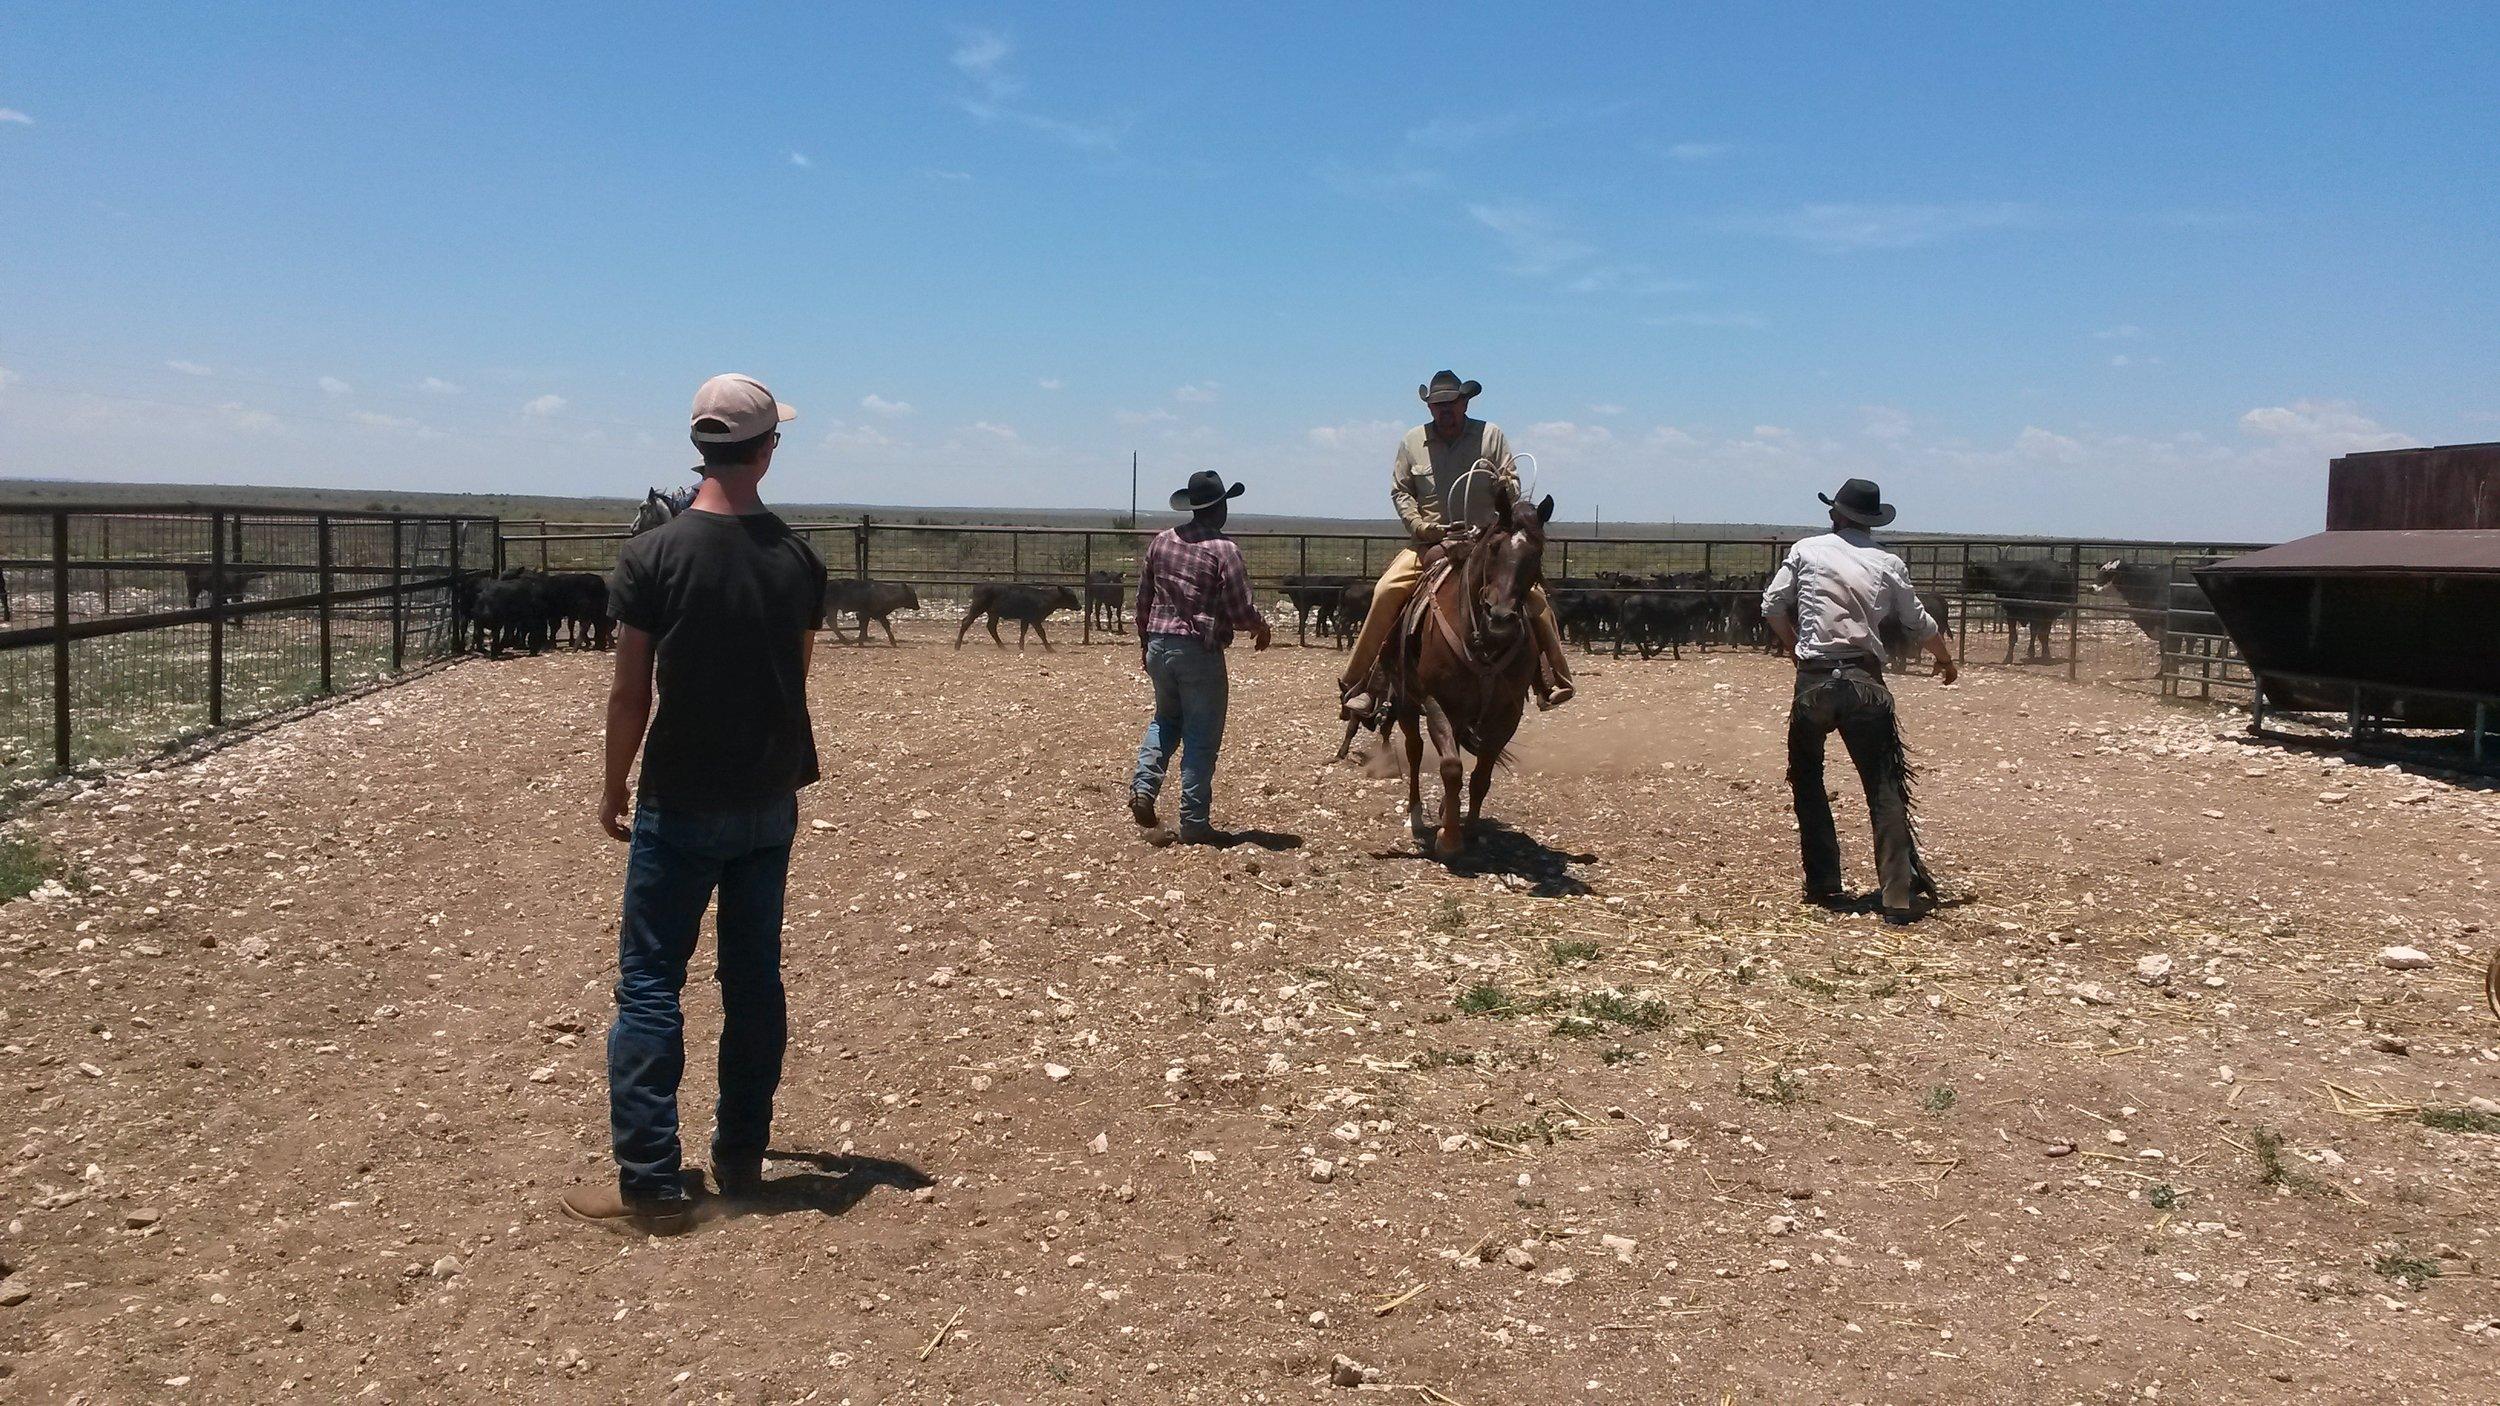 Joe (on Cowboy) is dragging the first calf and Allyn and Zoulu hustle to flank it.  Joe (auf Cowboy) zieht das erste Kalb und Allyn und Zoulu beeilen sich, um es zu flanken.